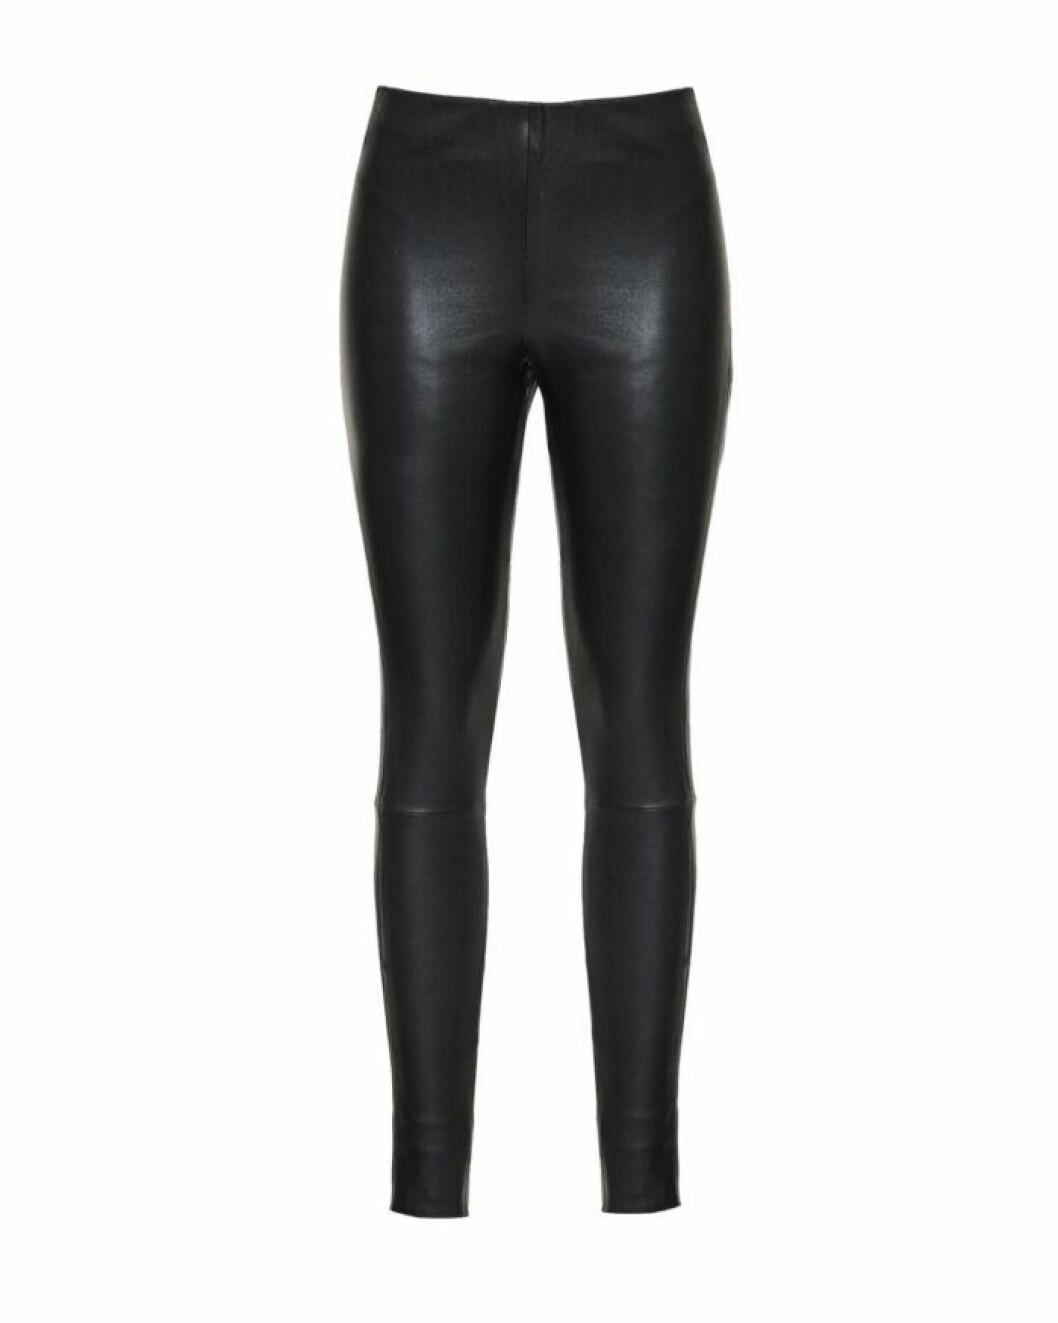 Svarta byxor i läderimitation från Wakakuu